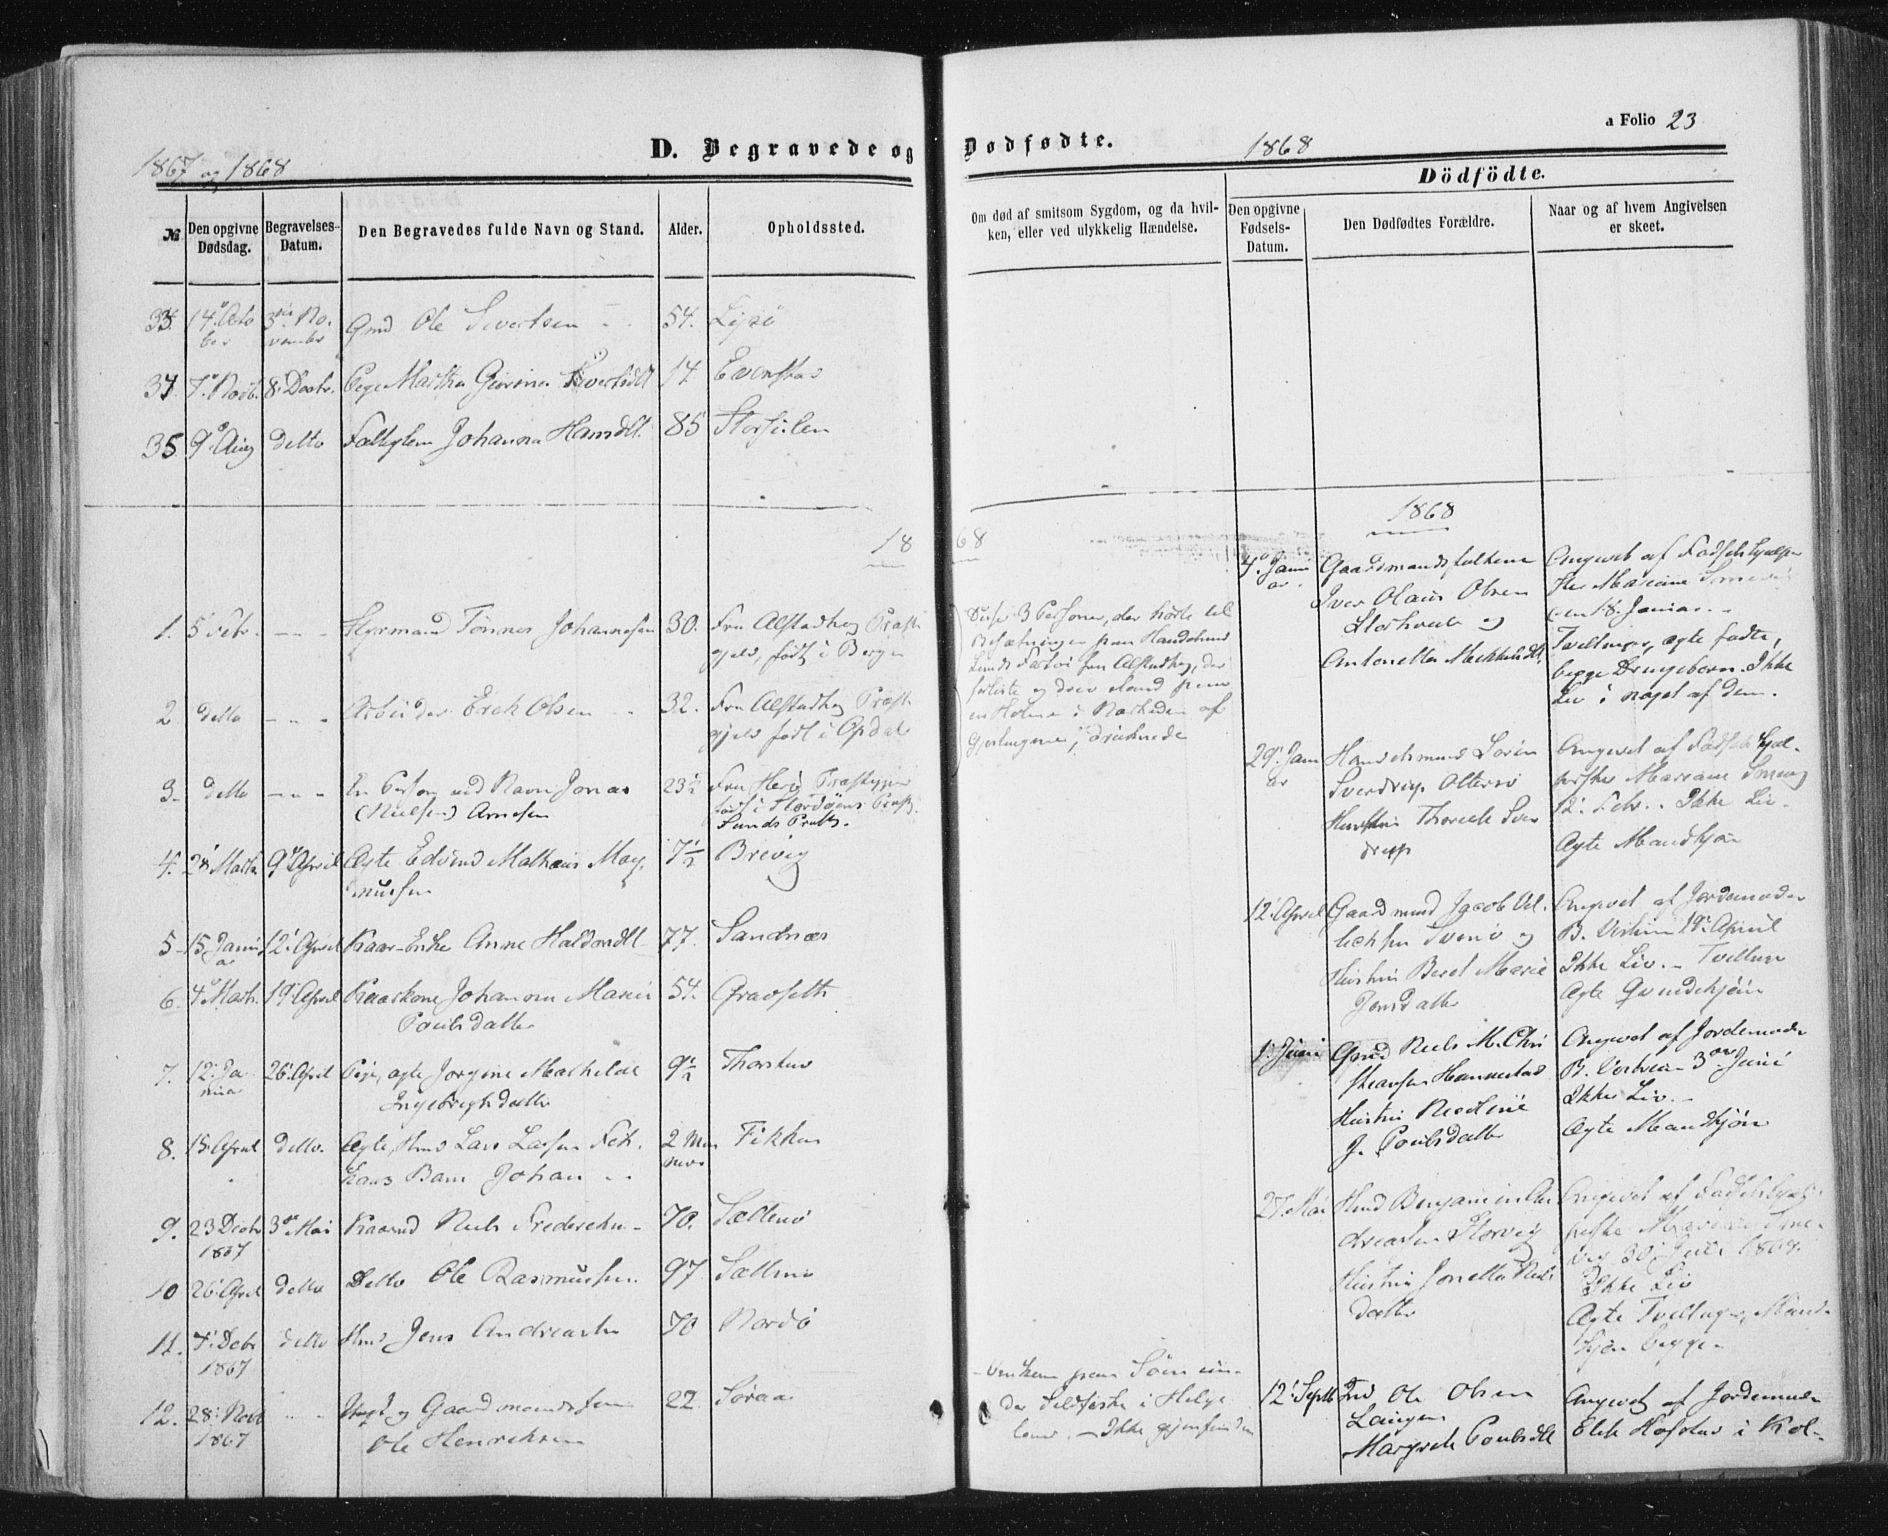 SAT, Ministerialprotokoller, klokkerbøker og fødselsregistre - Nord-Trøndelag, 784/L0670: Ministerialbok nr. 784A05, 1860-1876, s. 23